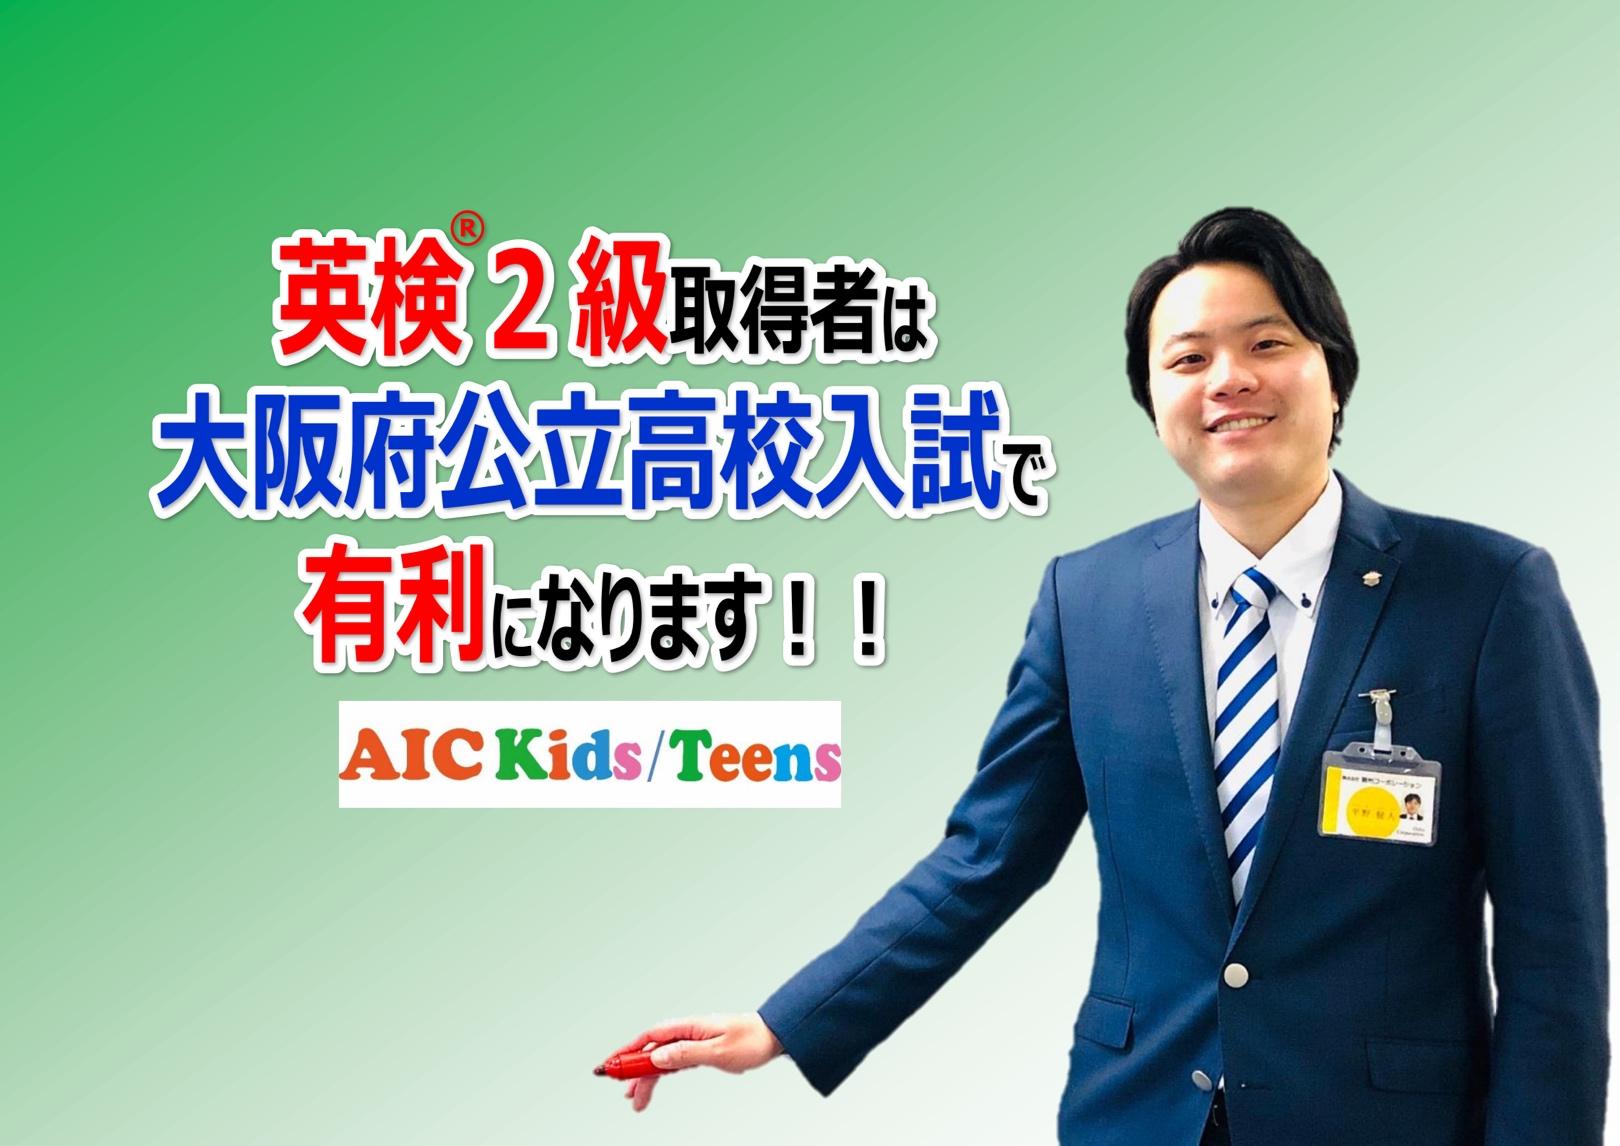 英検®2級取得者は大阪府公立高校入試で有...